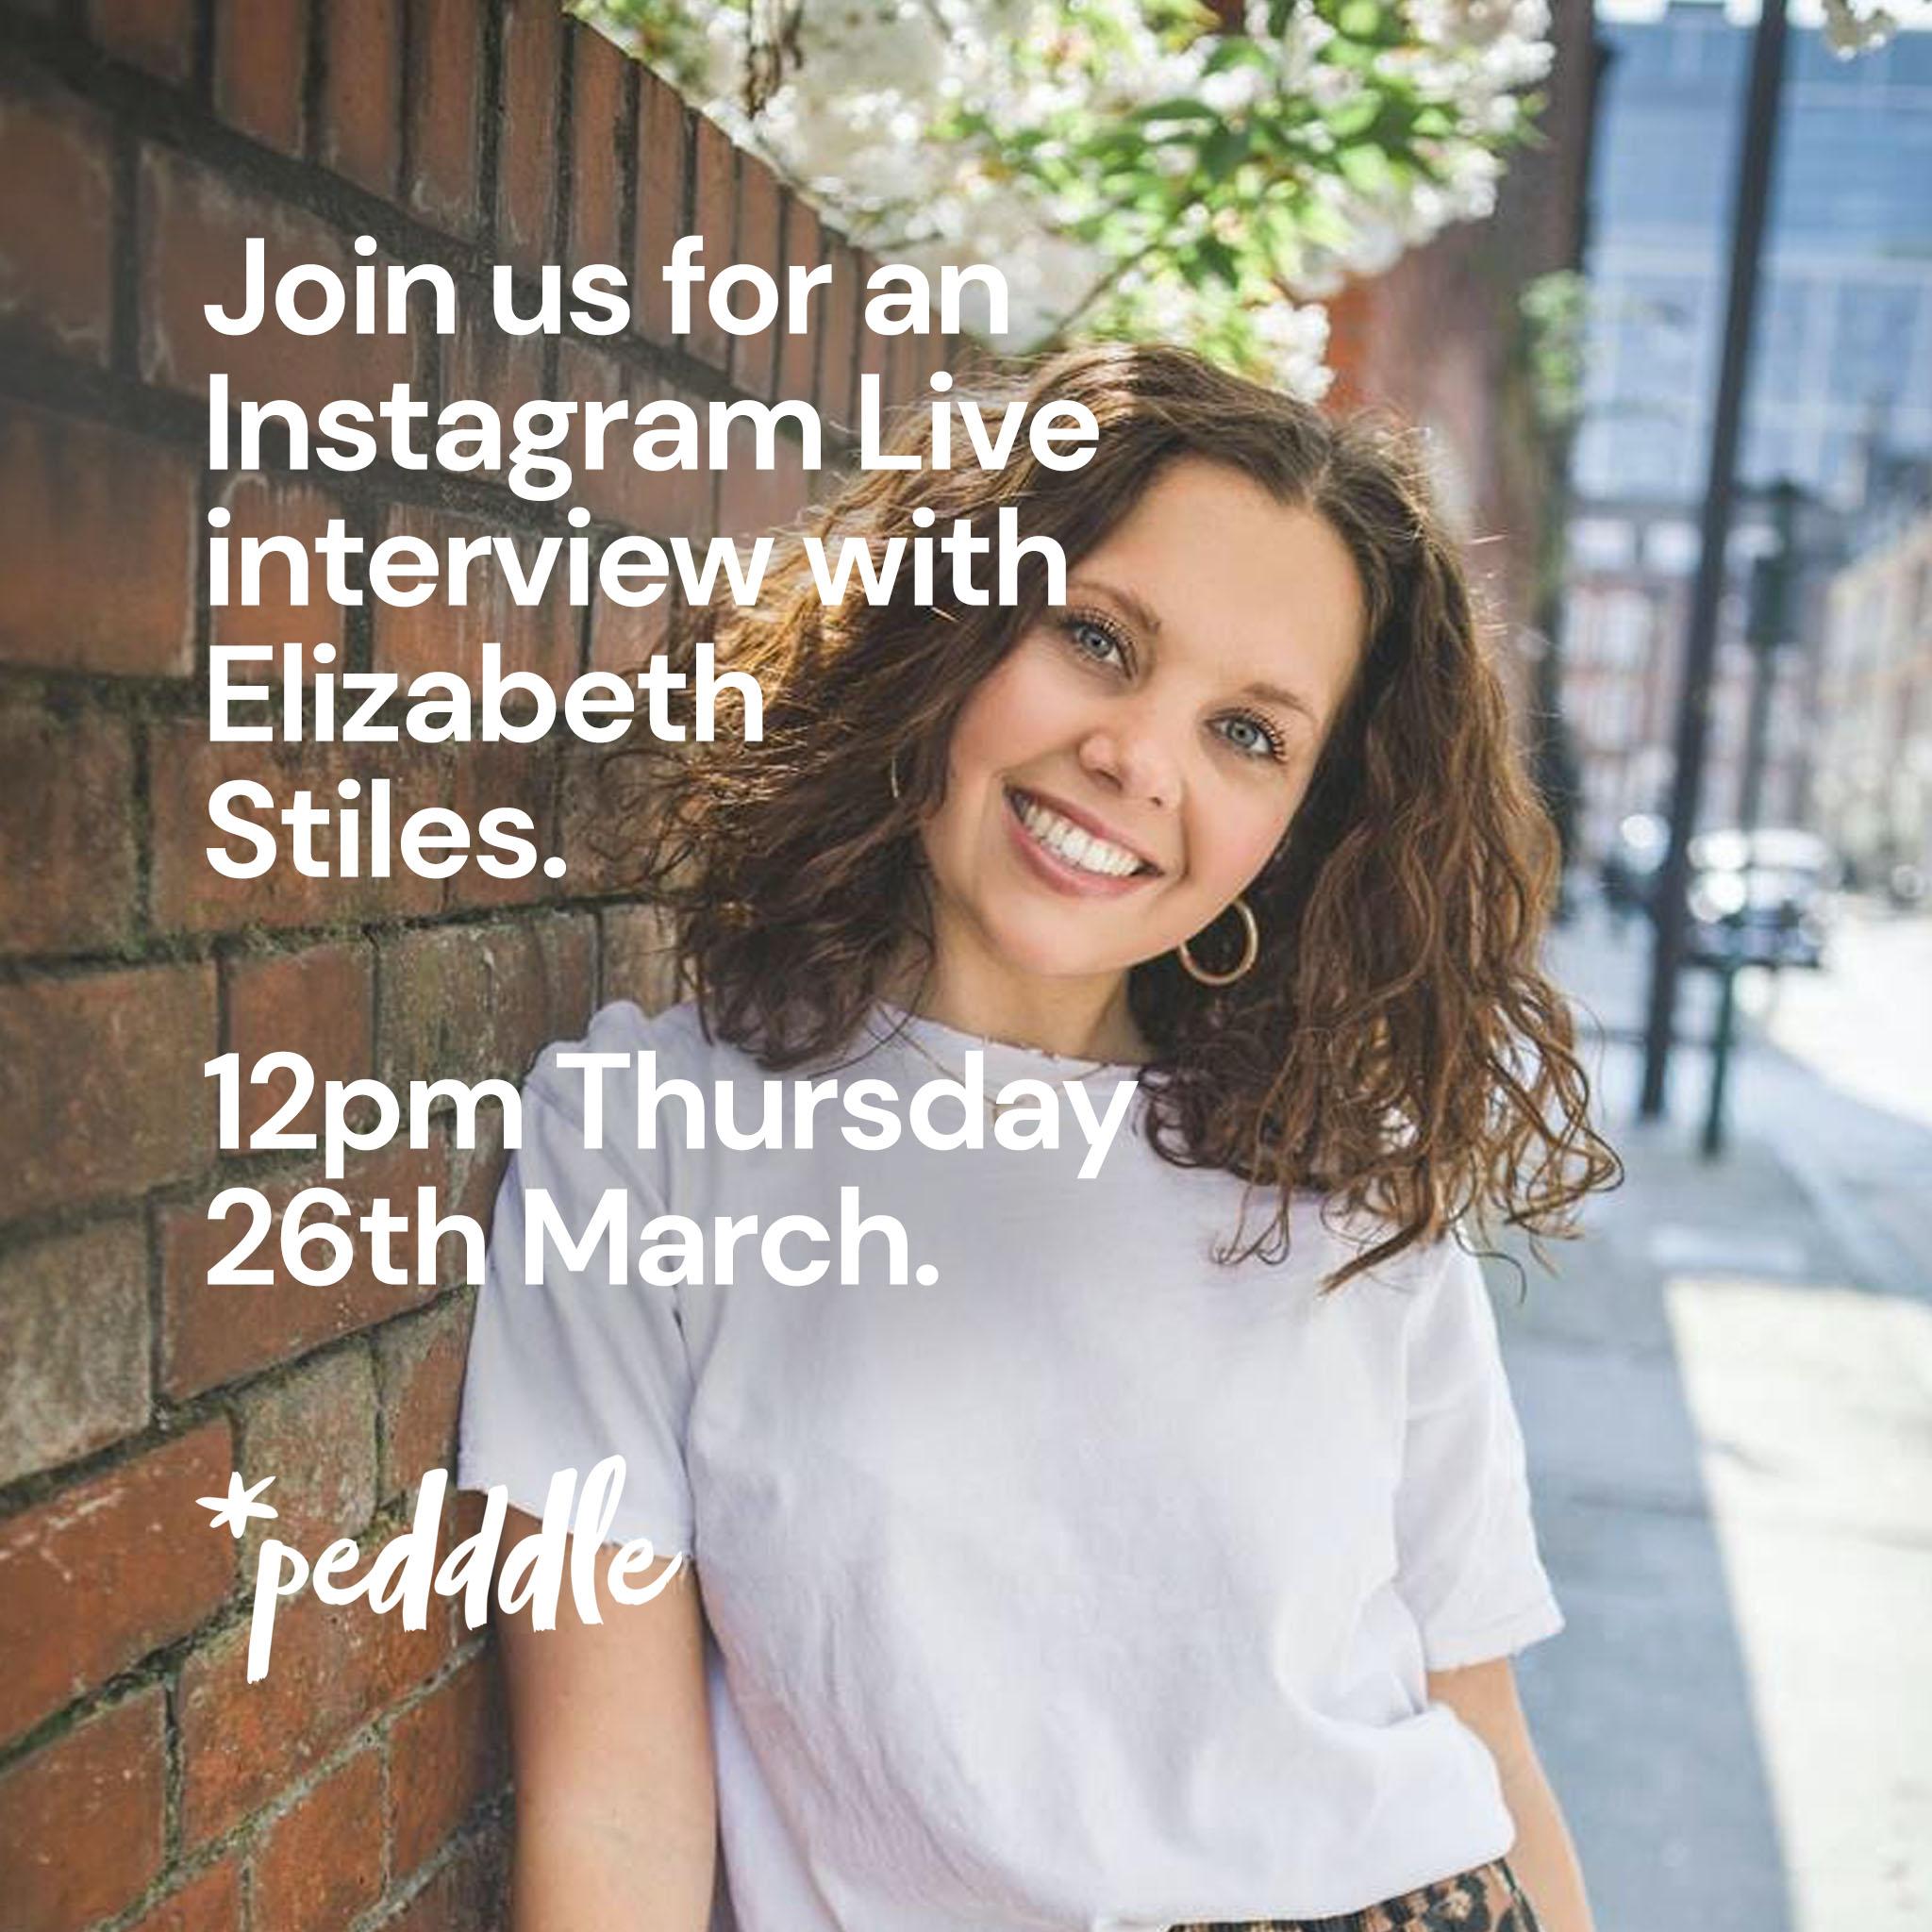 Elizabeth Stiles interview, Pedddle